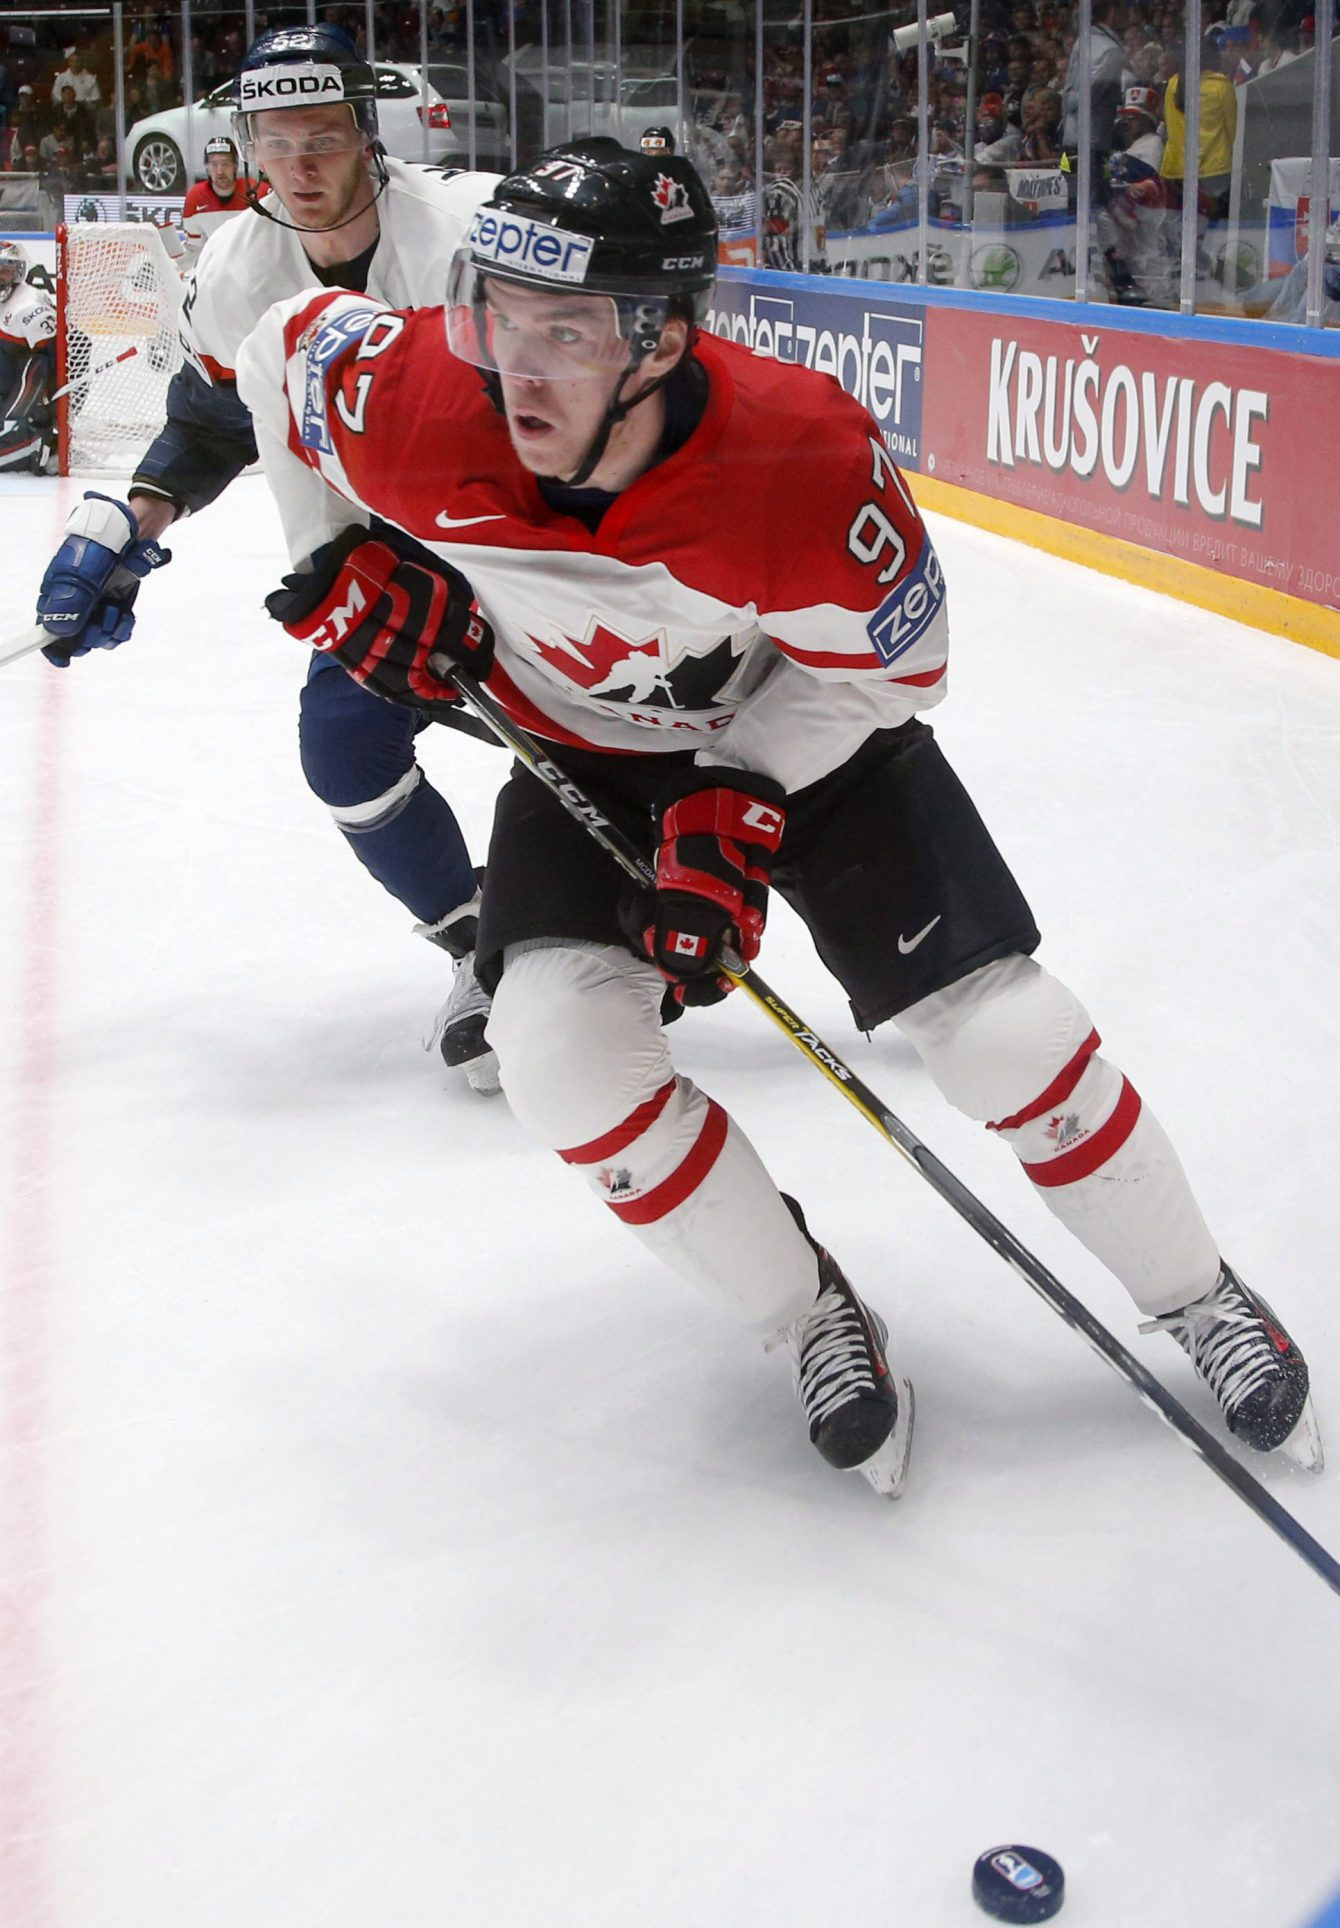 Connor McDavid lors du Championnat mondial de hockey à St.Petersburg en Russie, le 14 mai 2016. (Photo : AP/Dmitri Lovetsky)